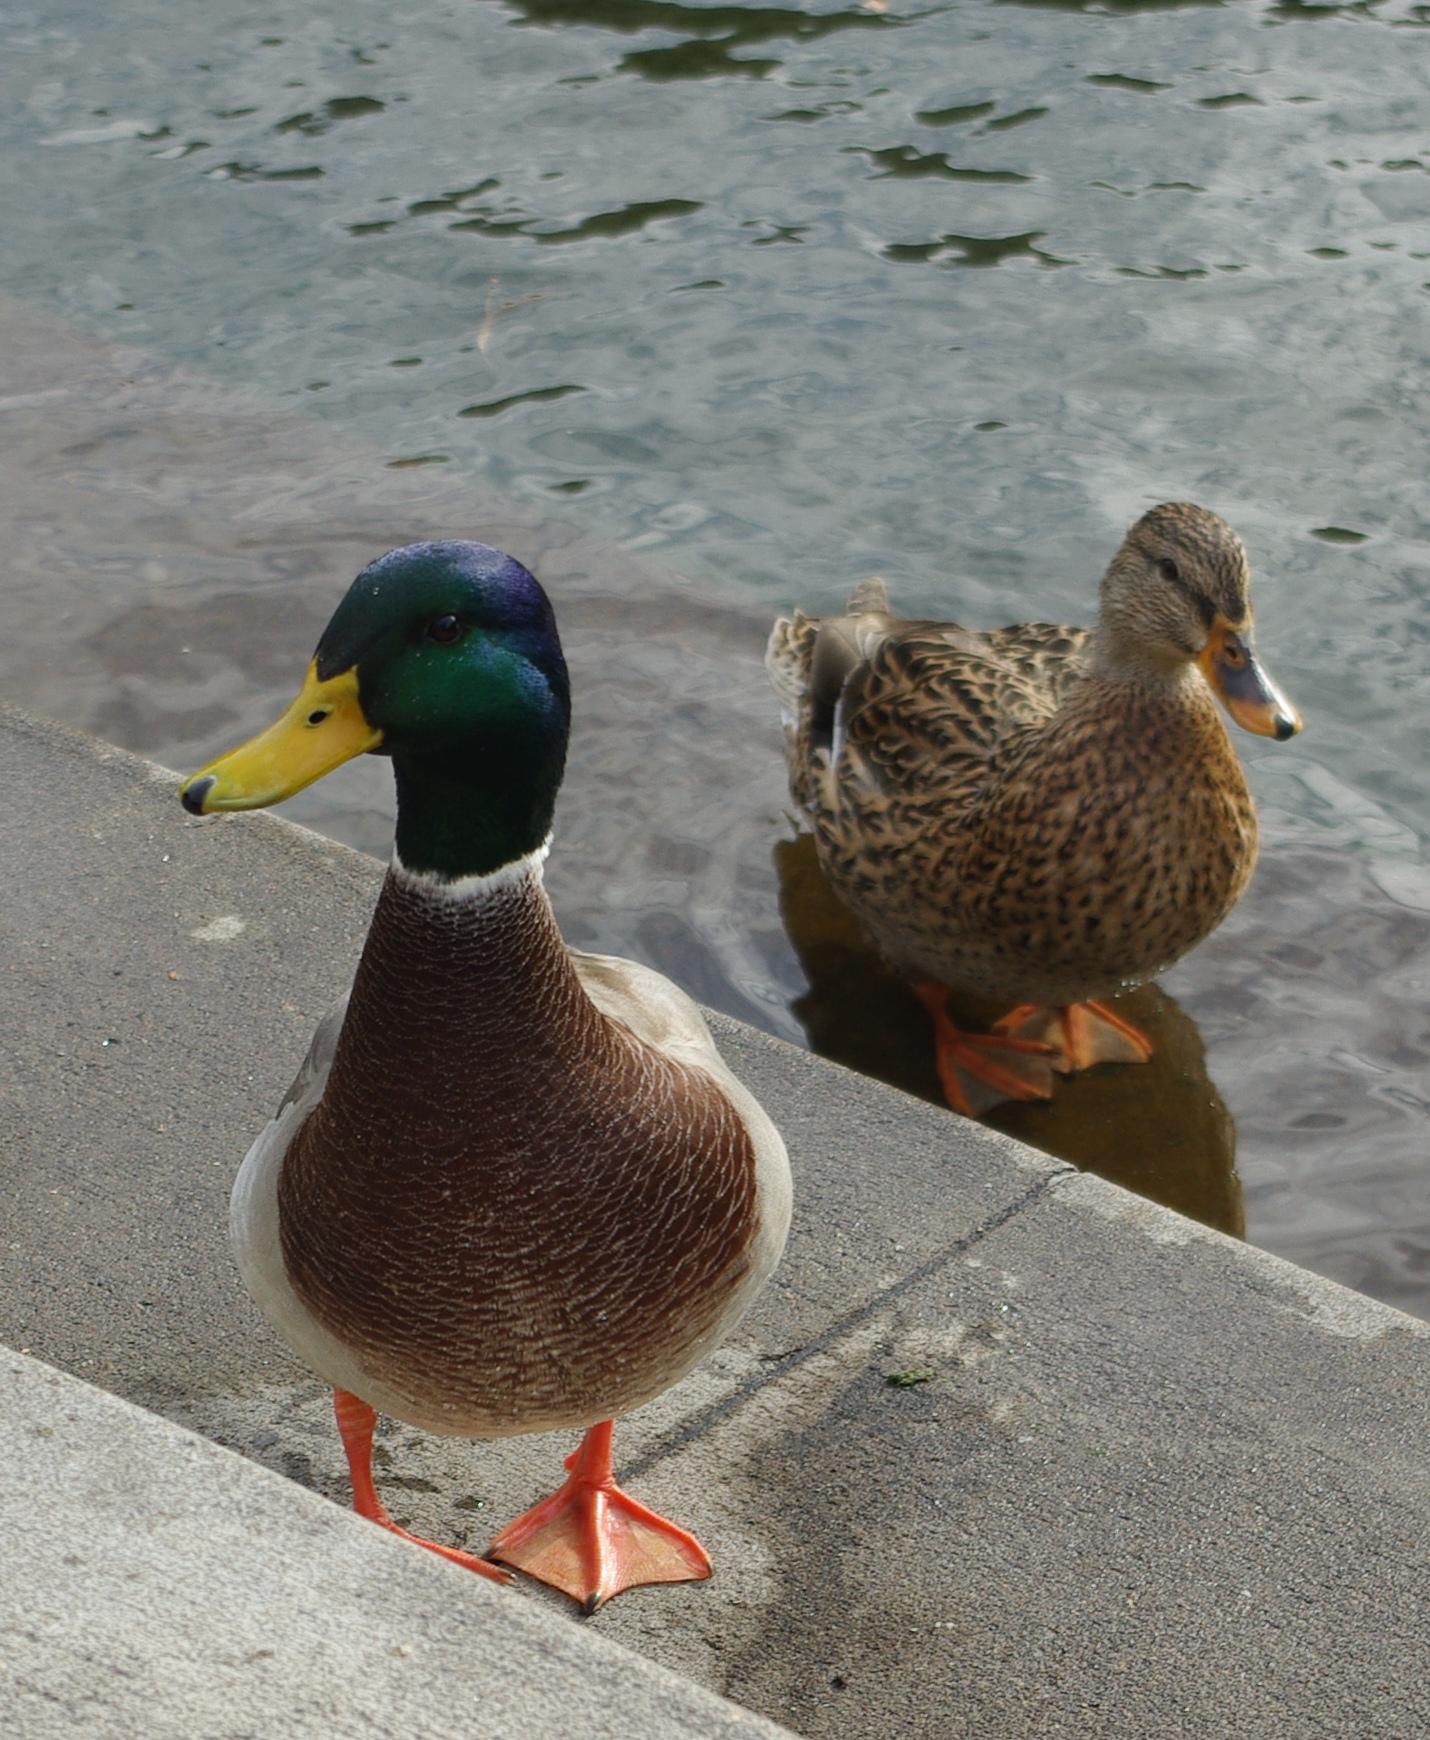 File:Two ducks at Millennium Plaza on Lakewood Bay - Lake Oswego ...